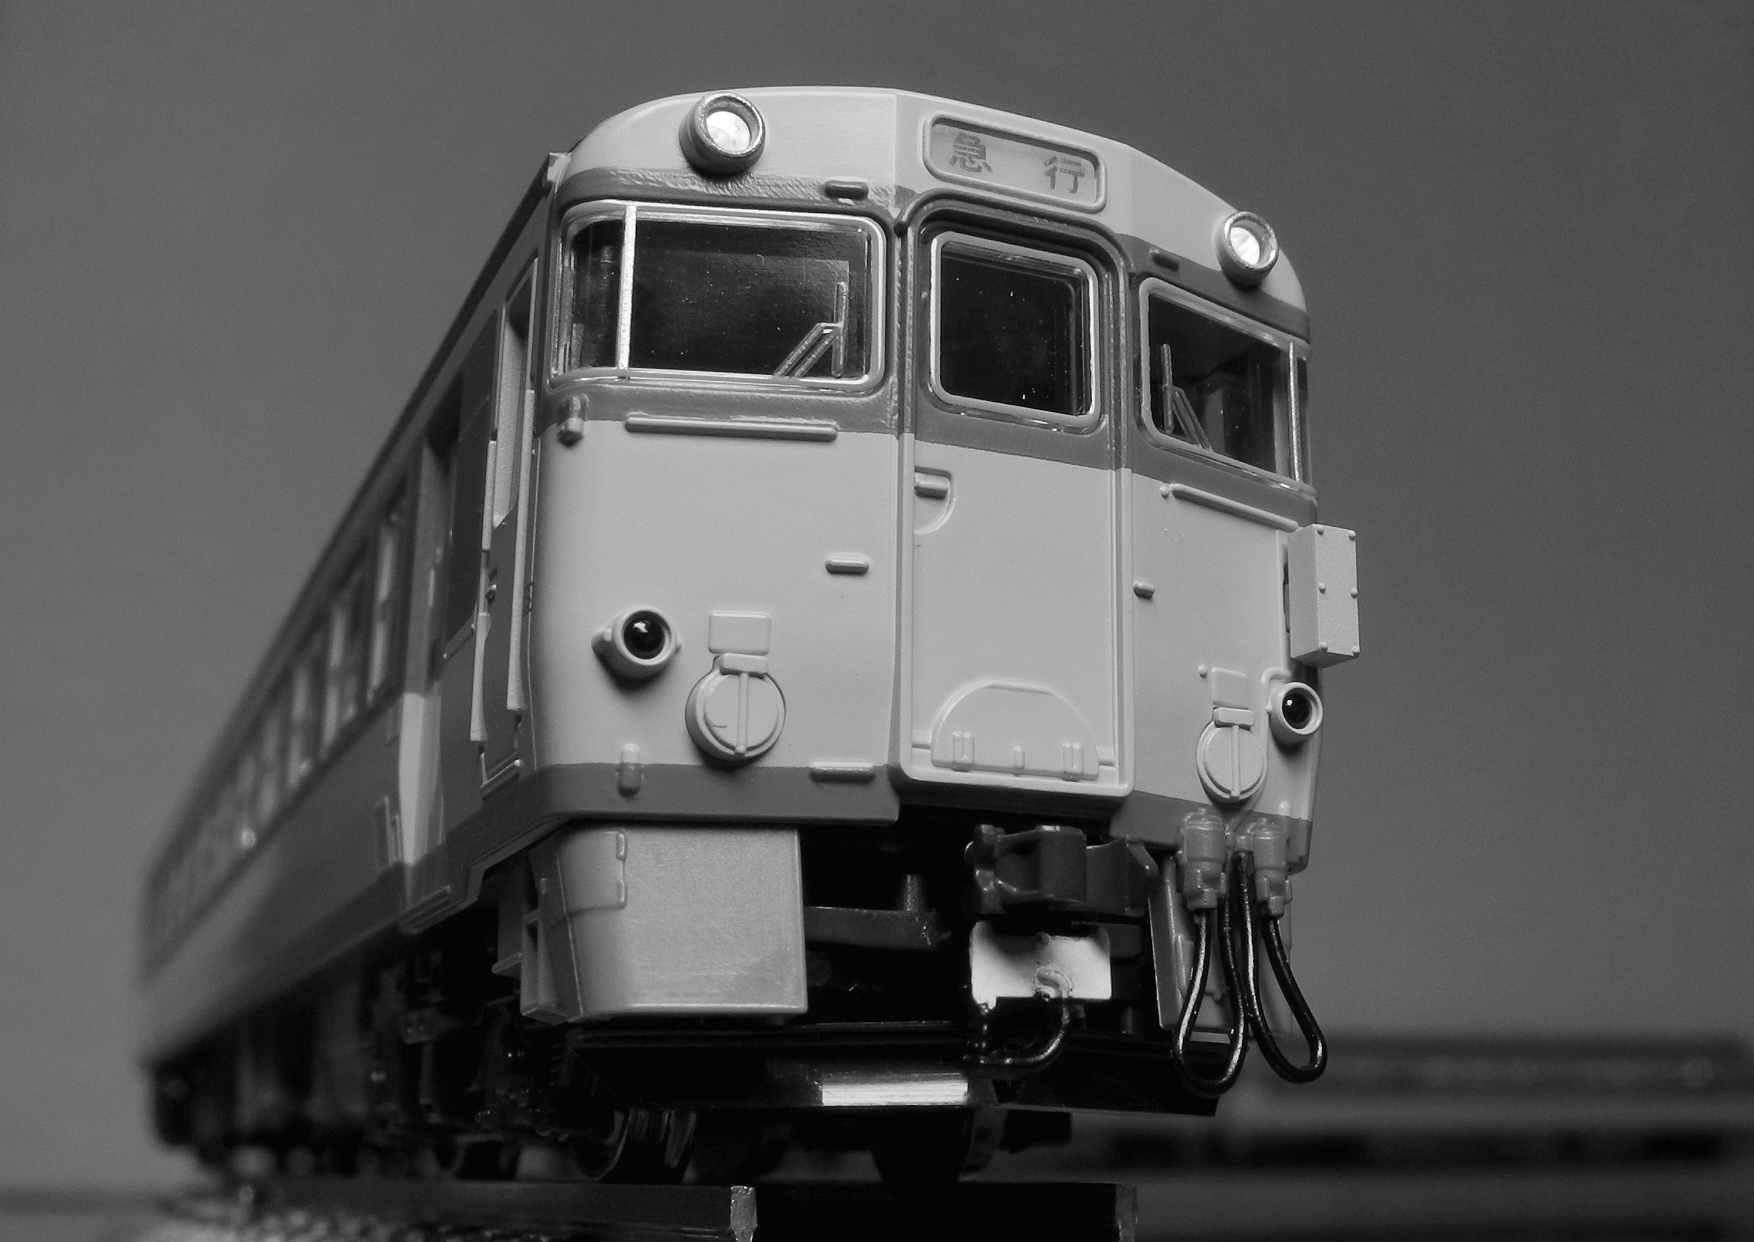 DSCN8760-2.jpg